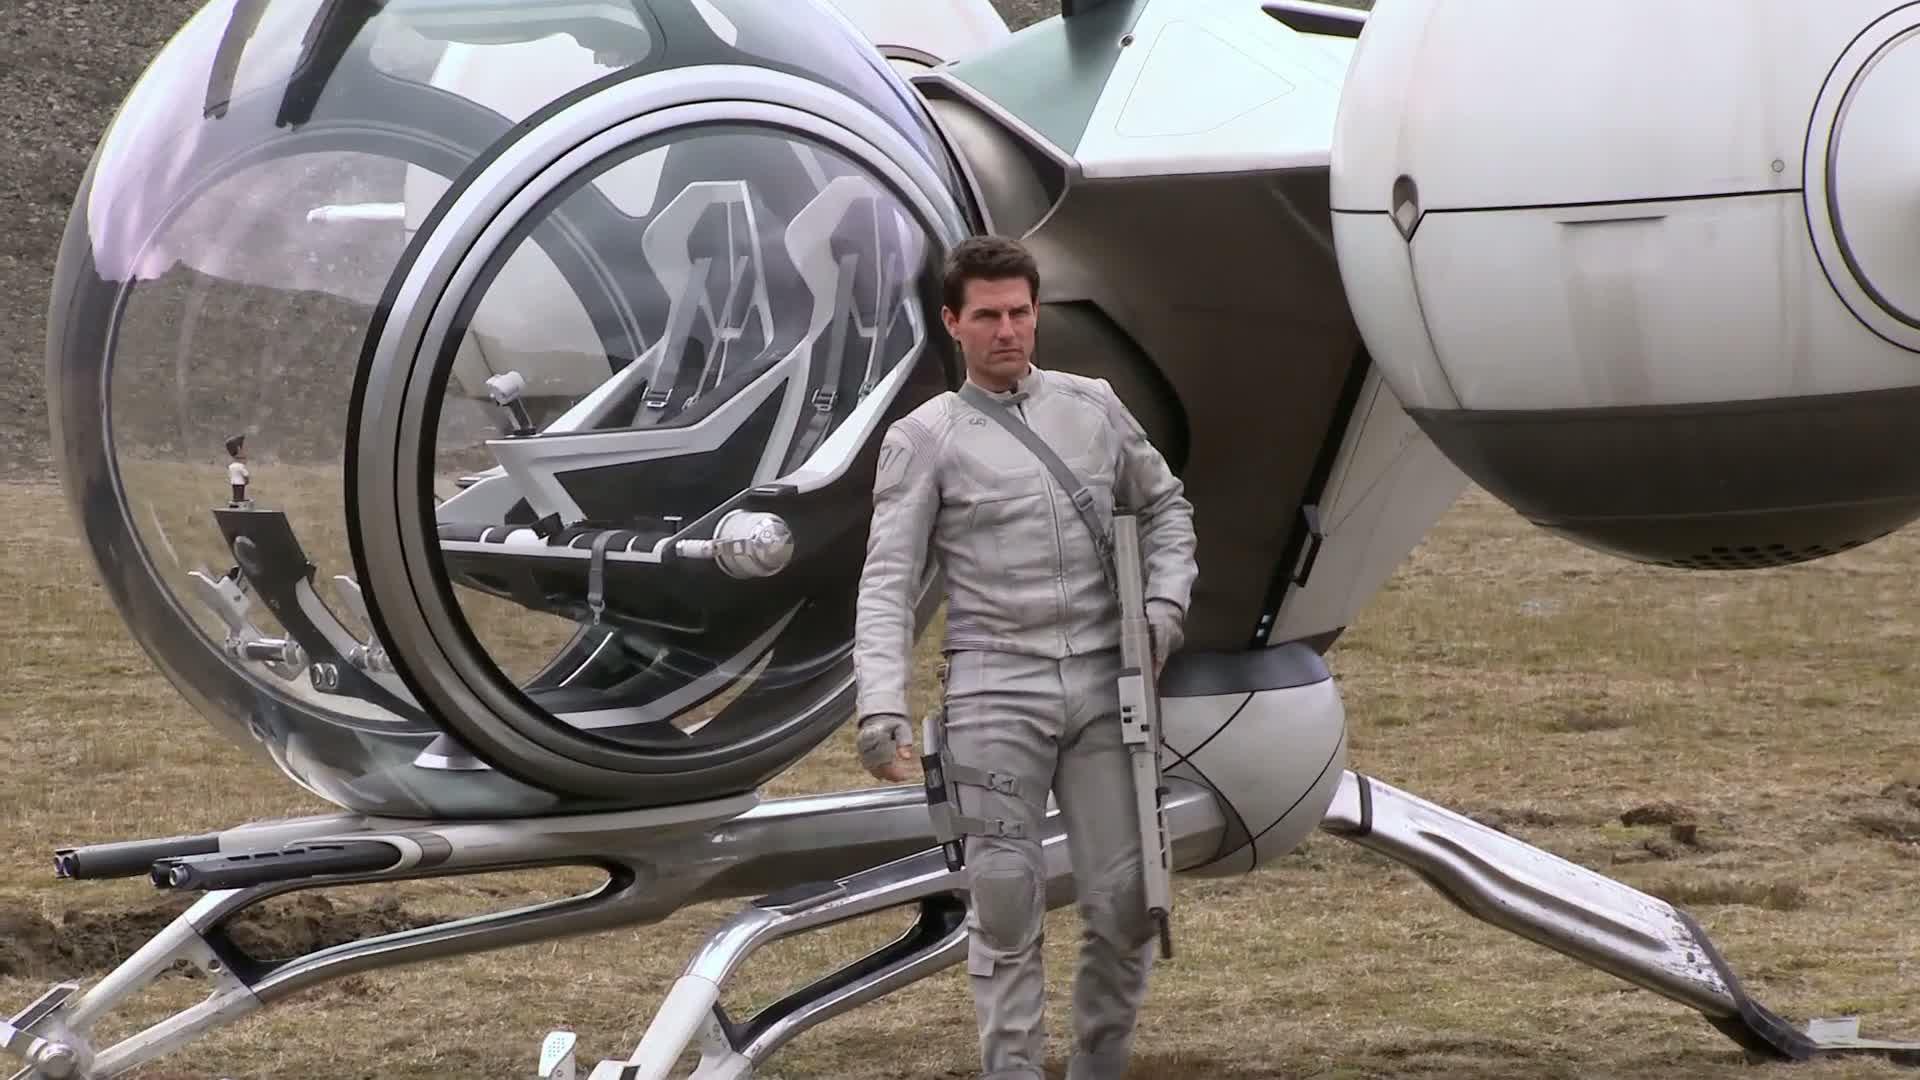 Том Круз вживается в роль астронавта